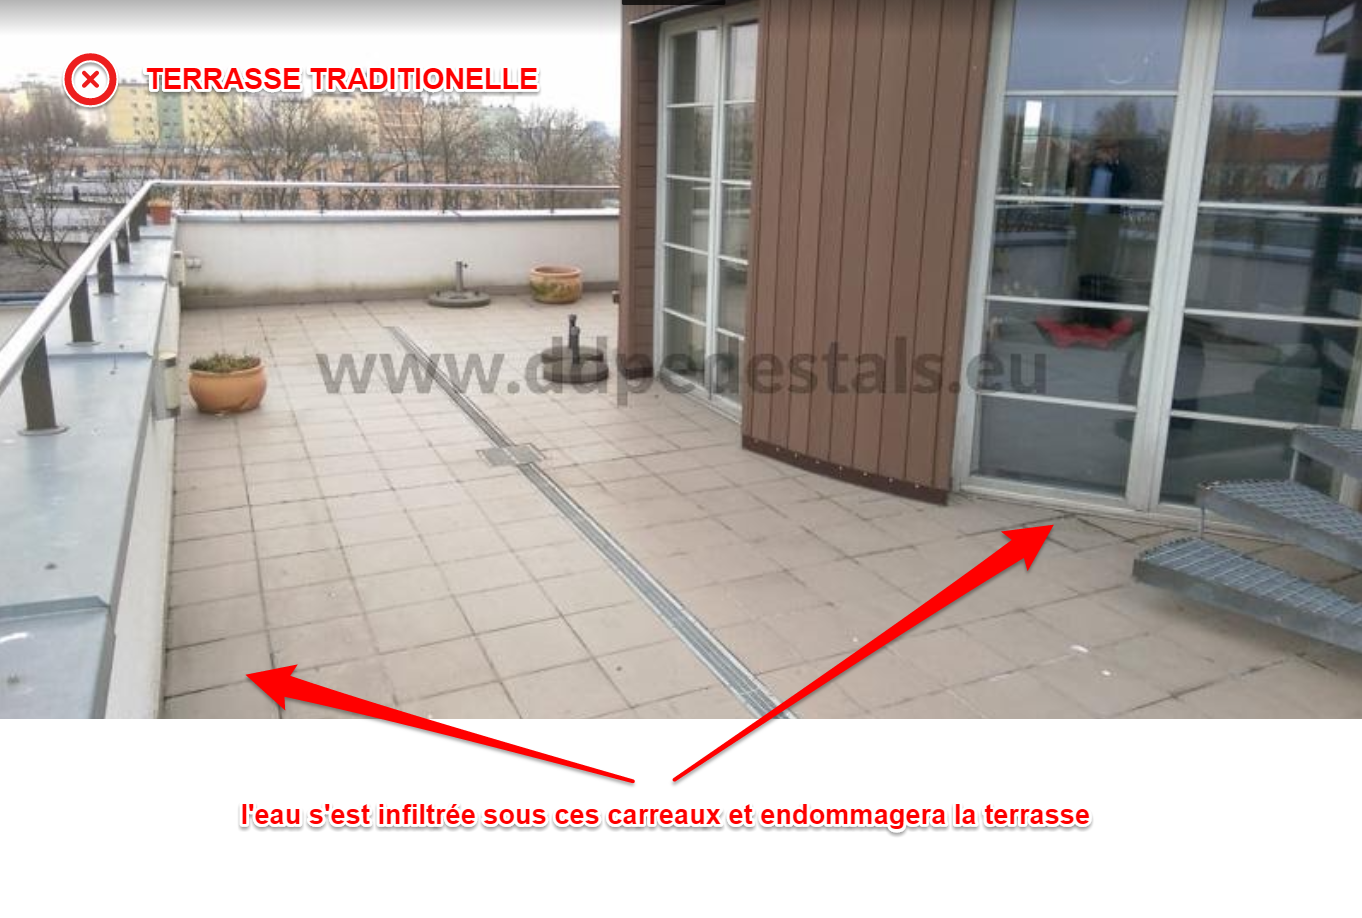 Rénovation de la terrasse - réparation des carreaux détachés